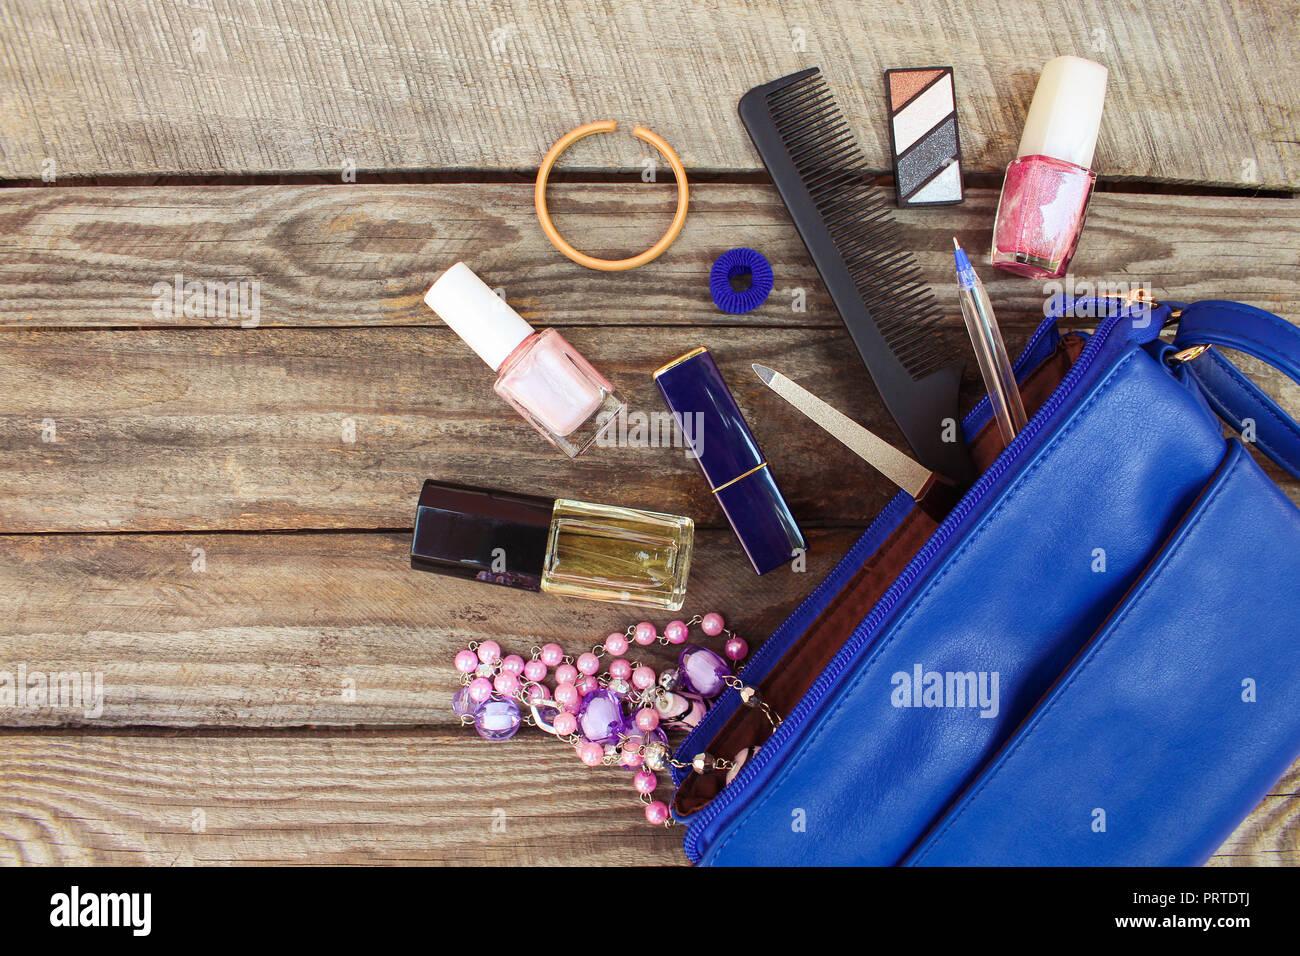 d6ae22201 Cosas de abrir dama Bolso Bolso de mujeres sobre madera de fondo. Cosméticos  y accesorios para la mujer cayó del bolso azul. Imagen de tonos.